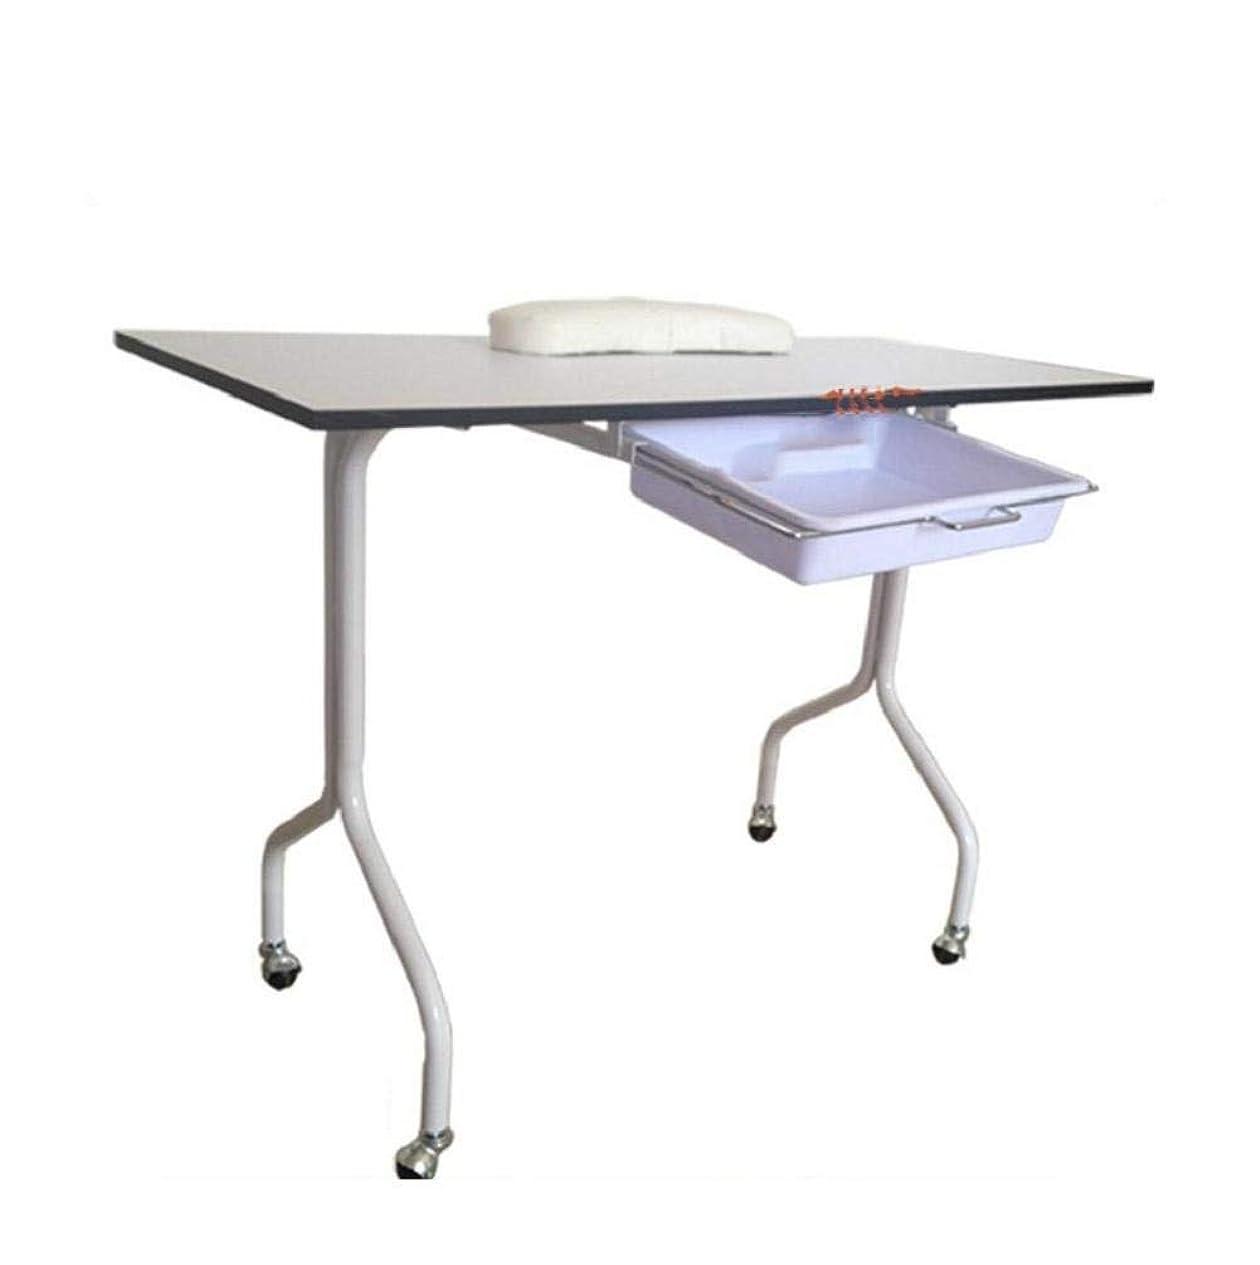 退院どきどき部屋を掃除するネイルテーブルポータブルマニキュアテーブルベントネイルデスクワークステーションサロンスパネイルリストレストアートビューティーサロンツール